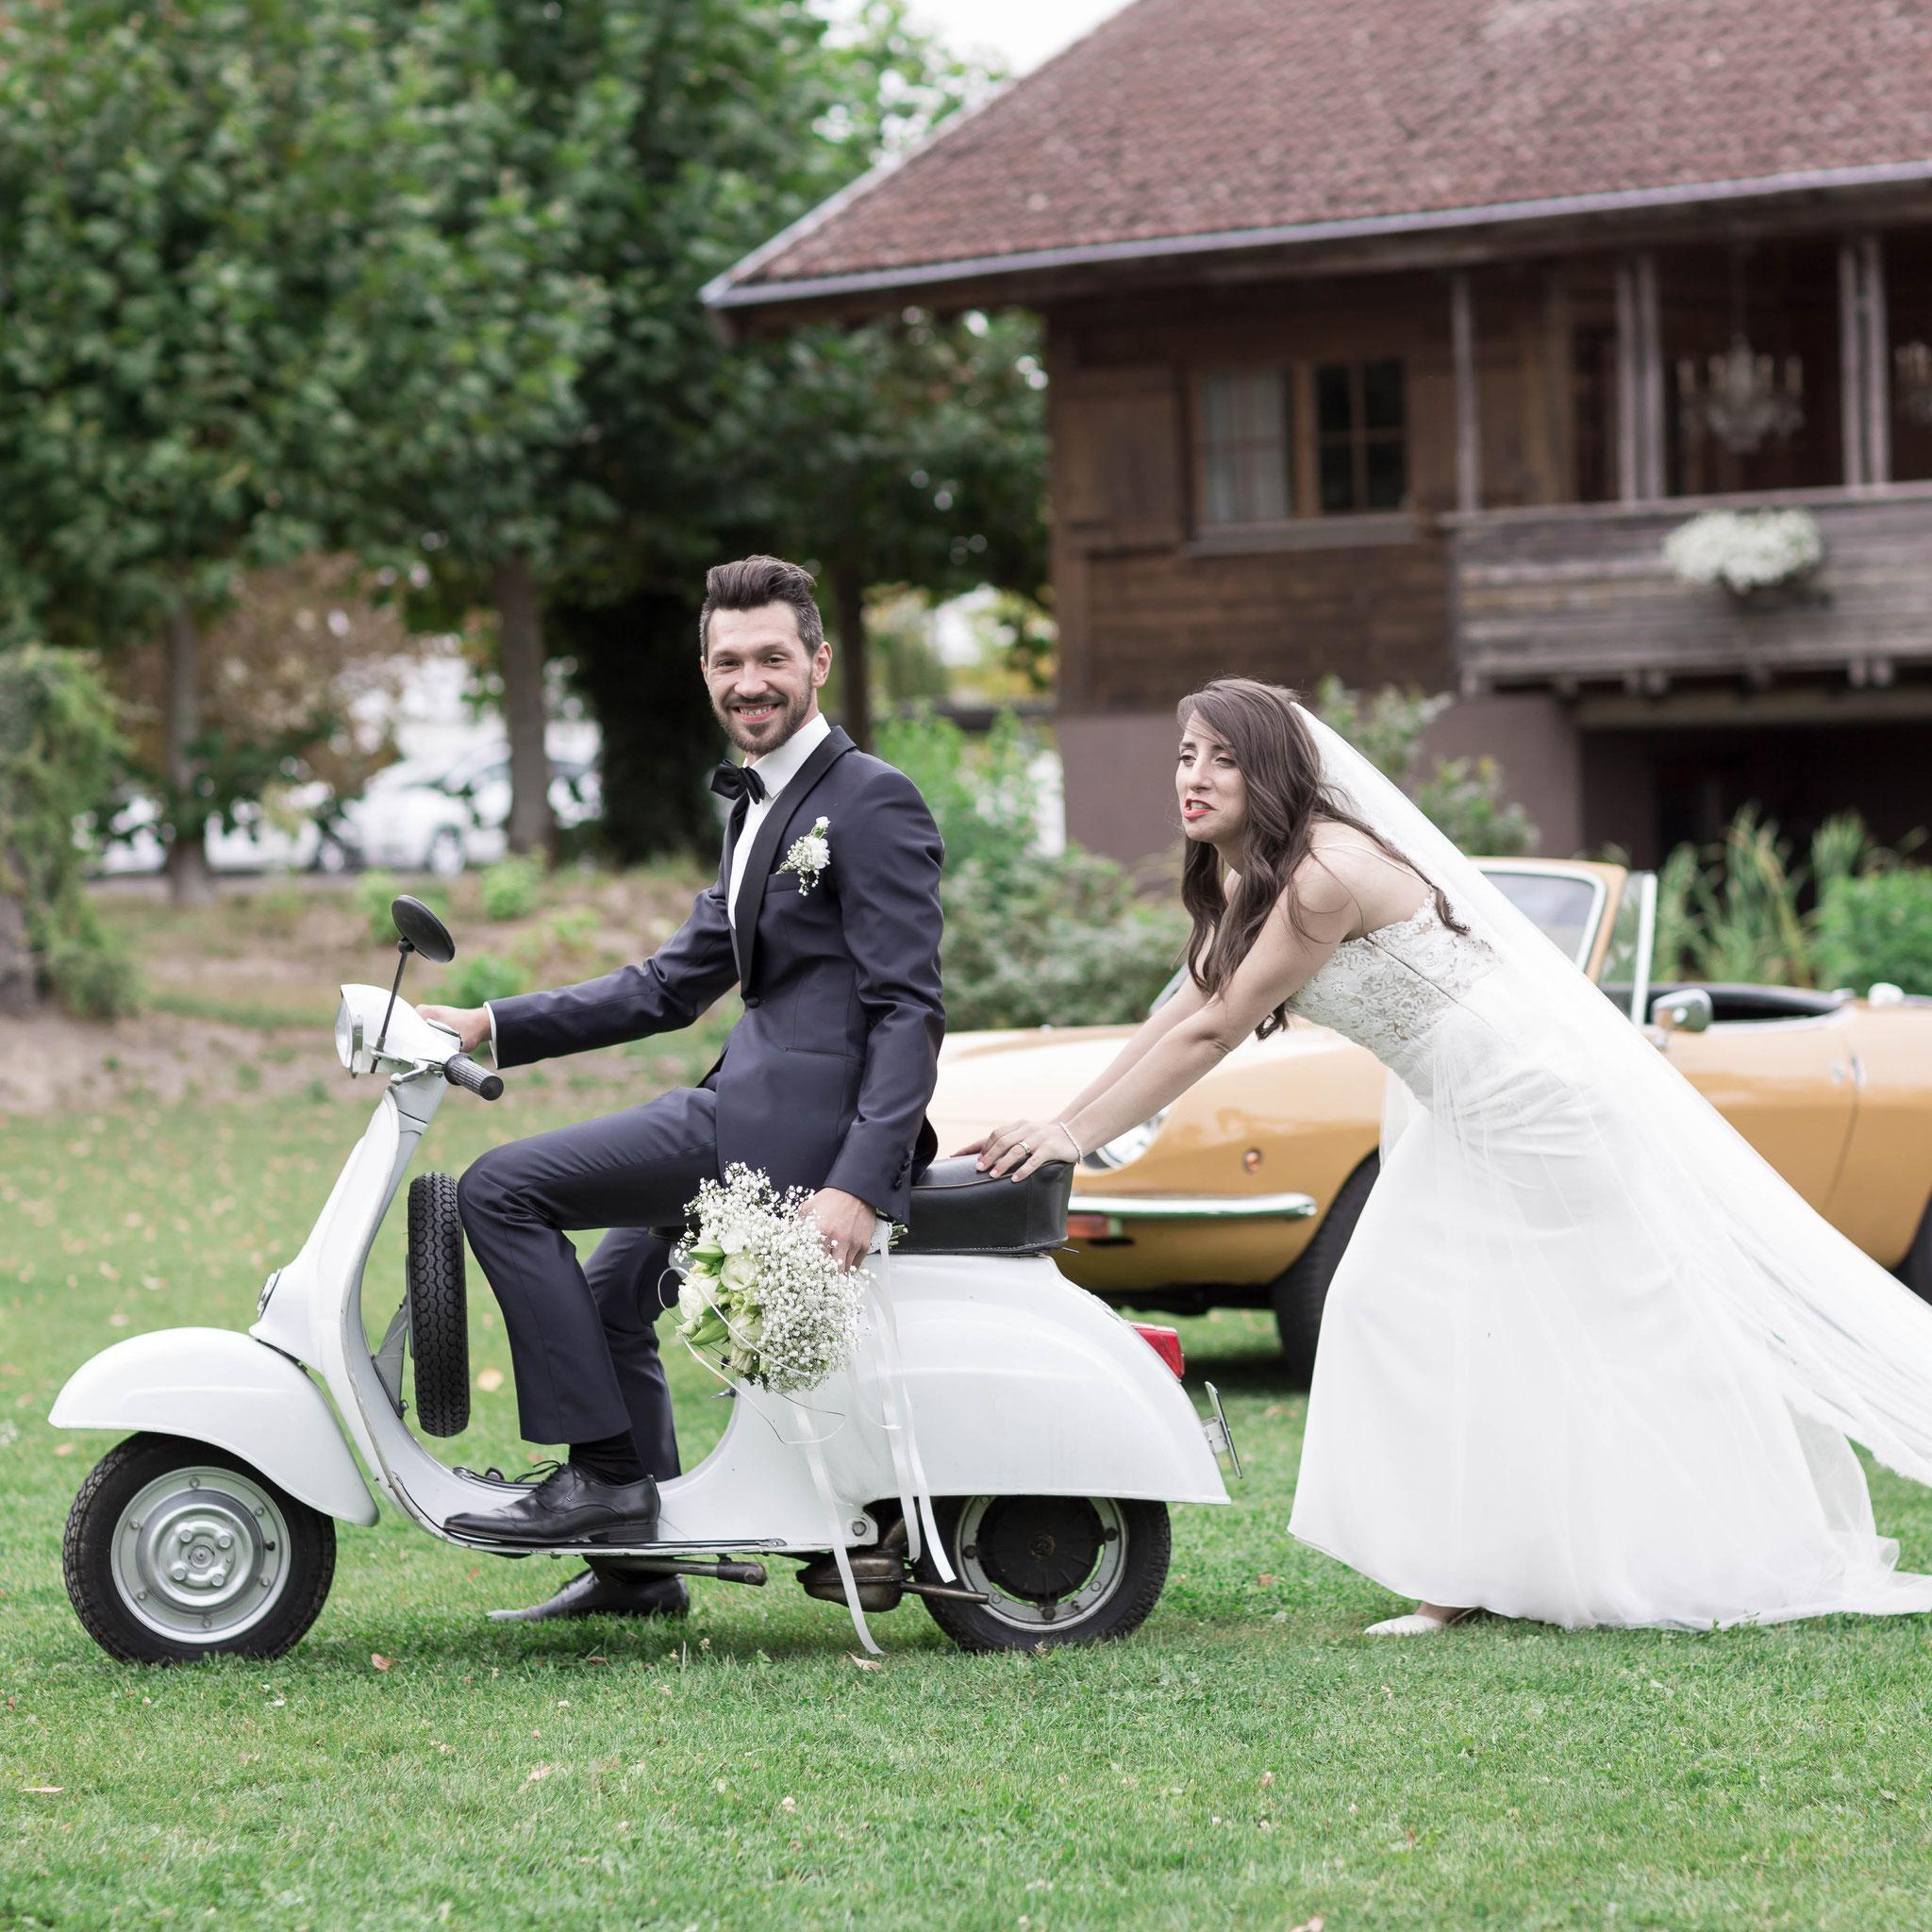 Fotograf für moderne russische Hochzeit in Wuppertal